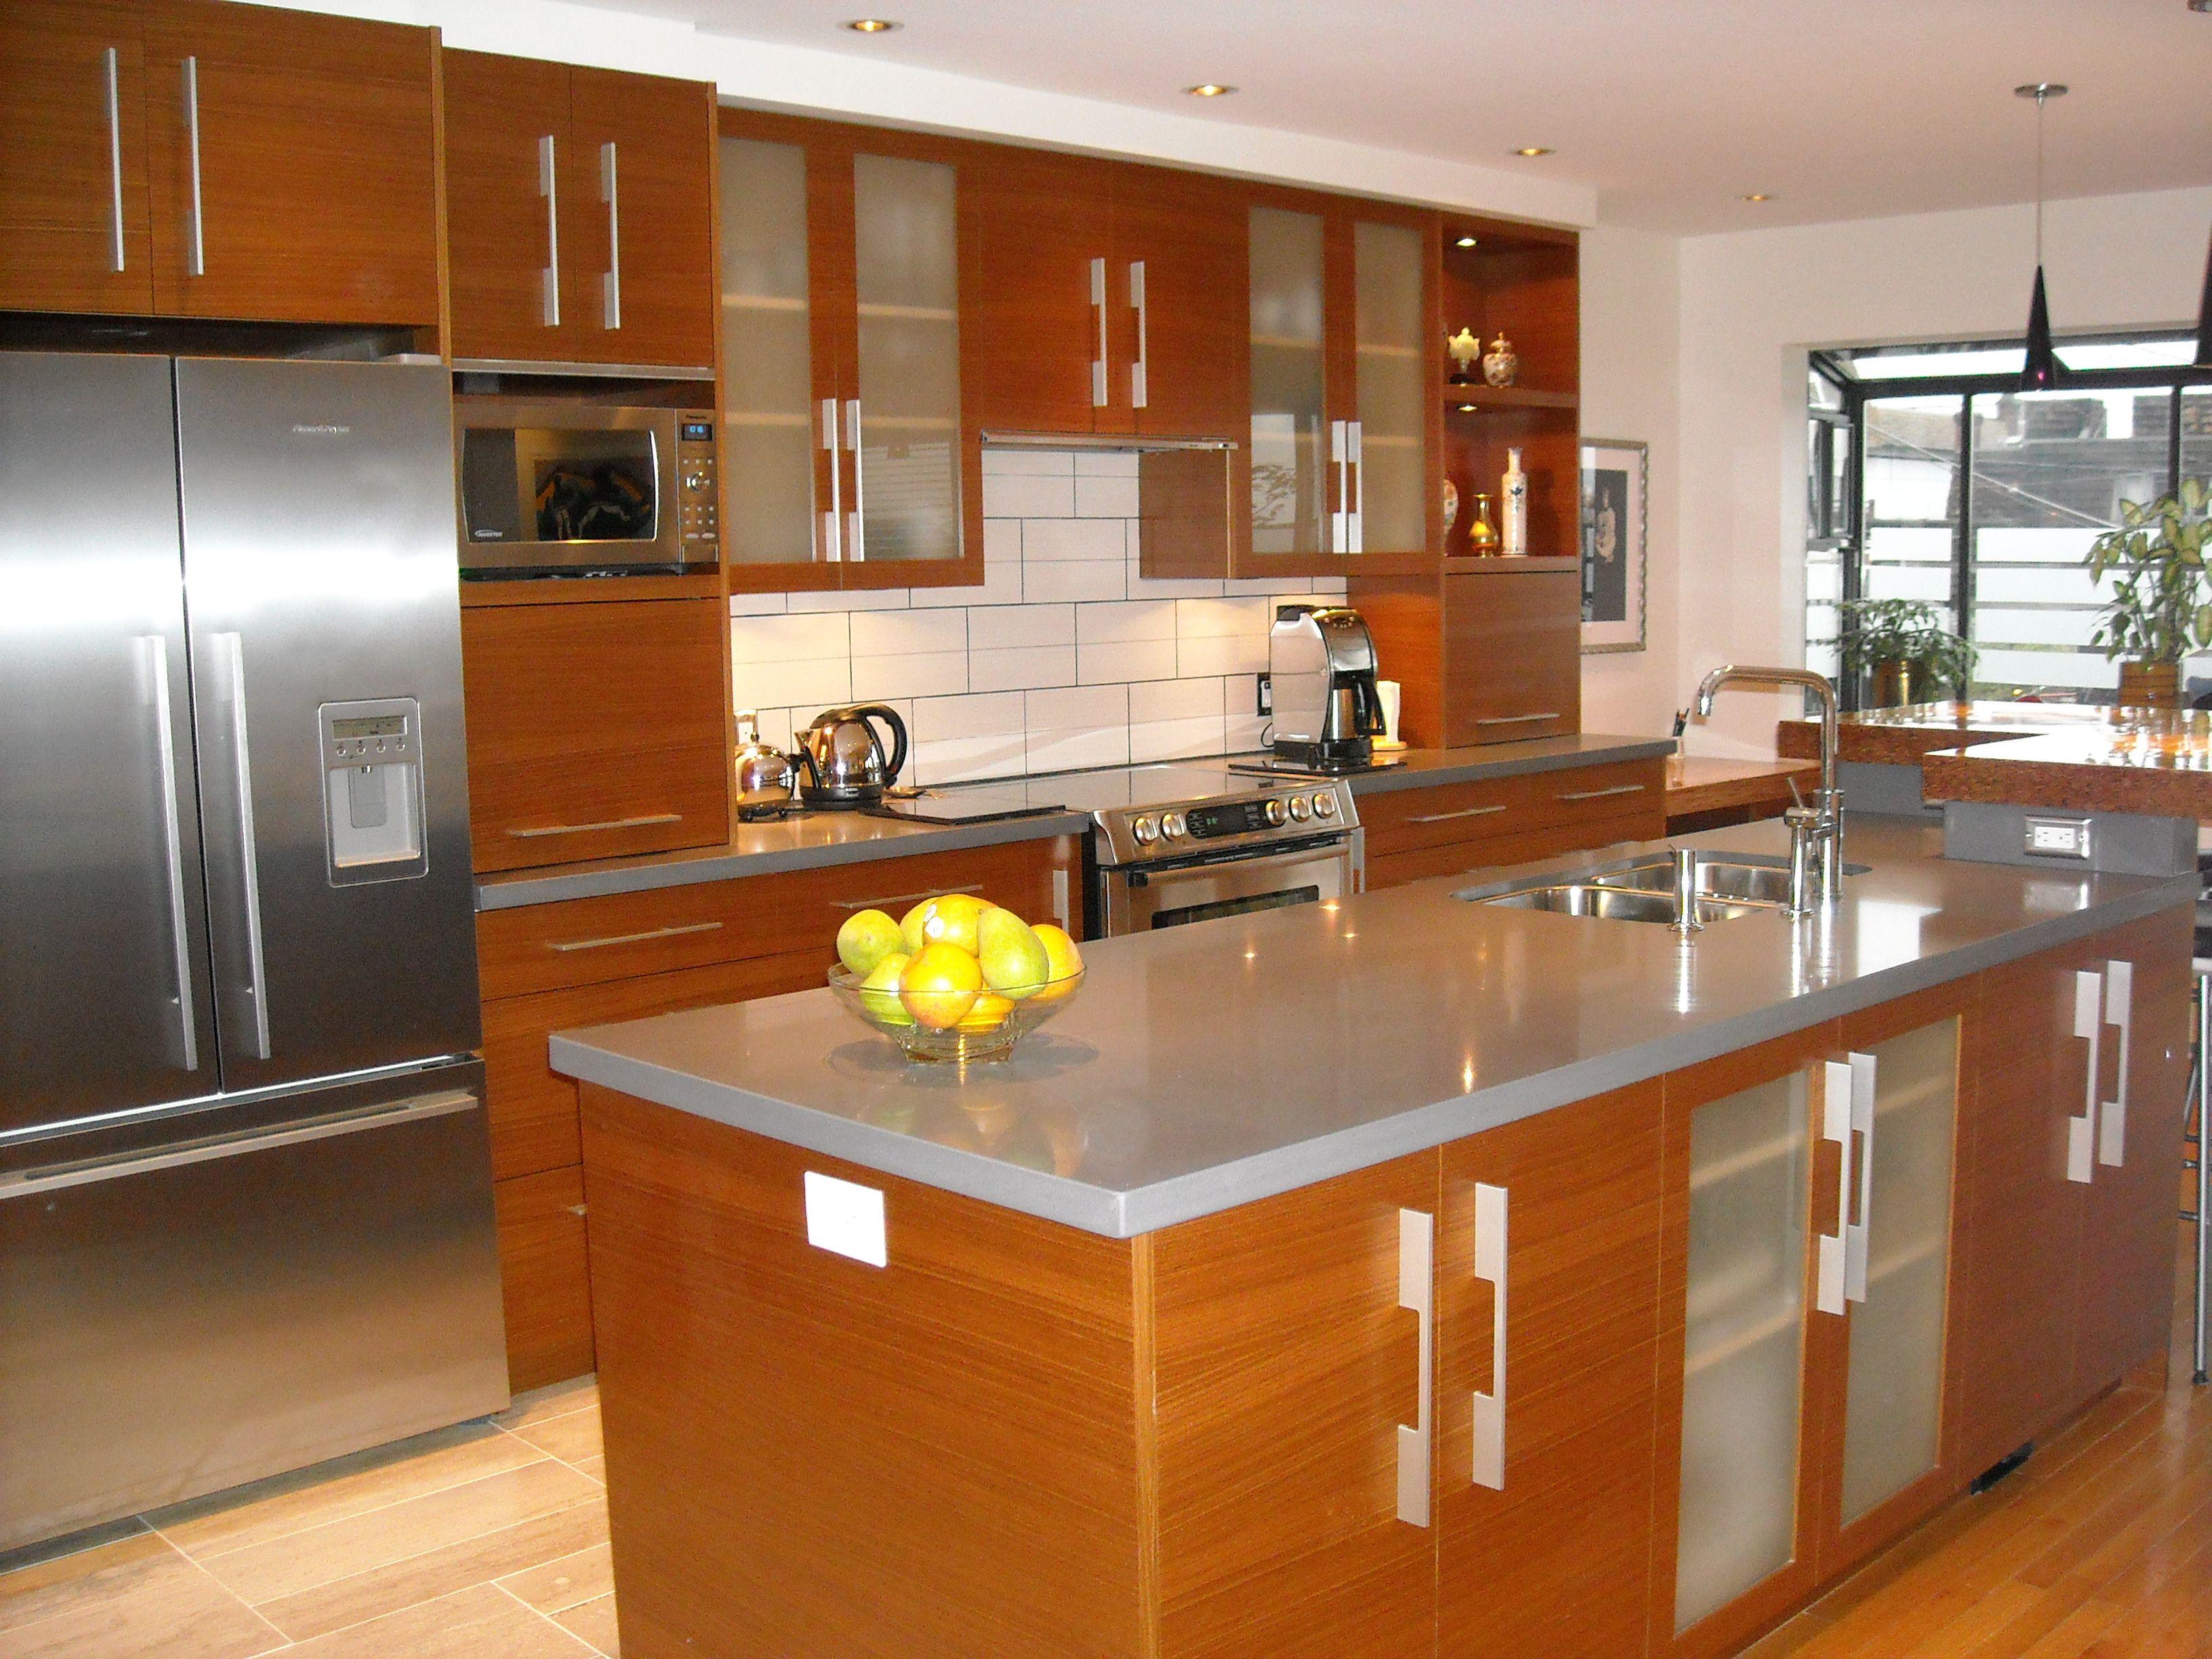 high resolution image interior design kitchen decorating ideas kosher kitchen layout on kitchen remodel plans layout id=43513